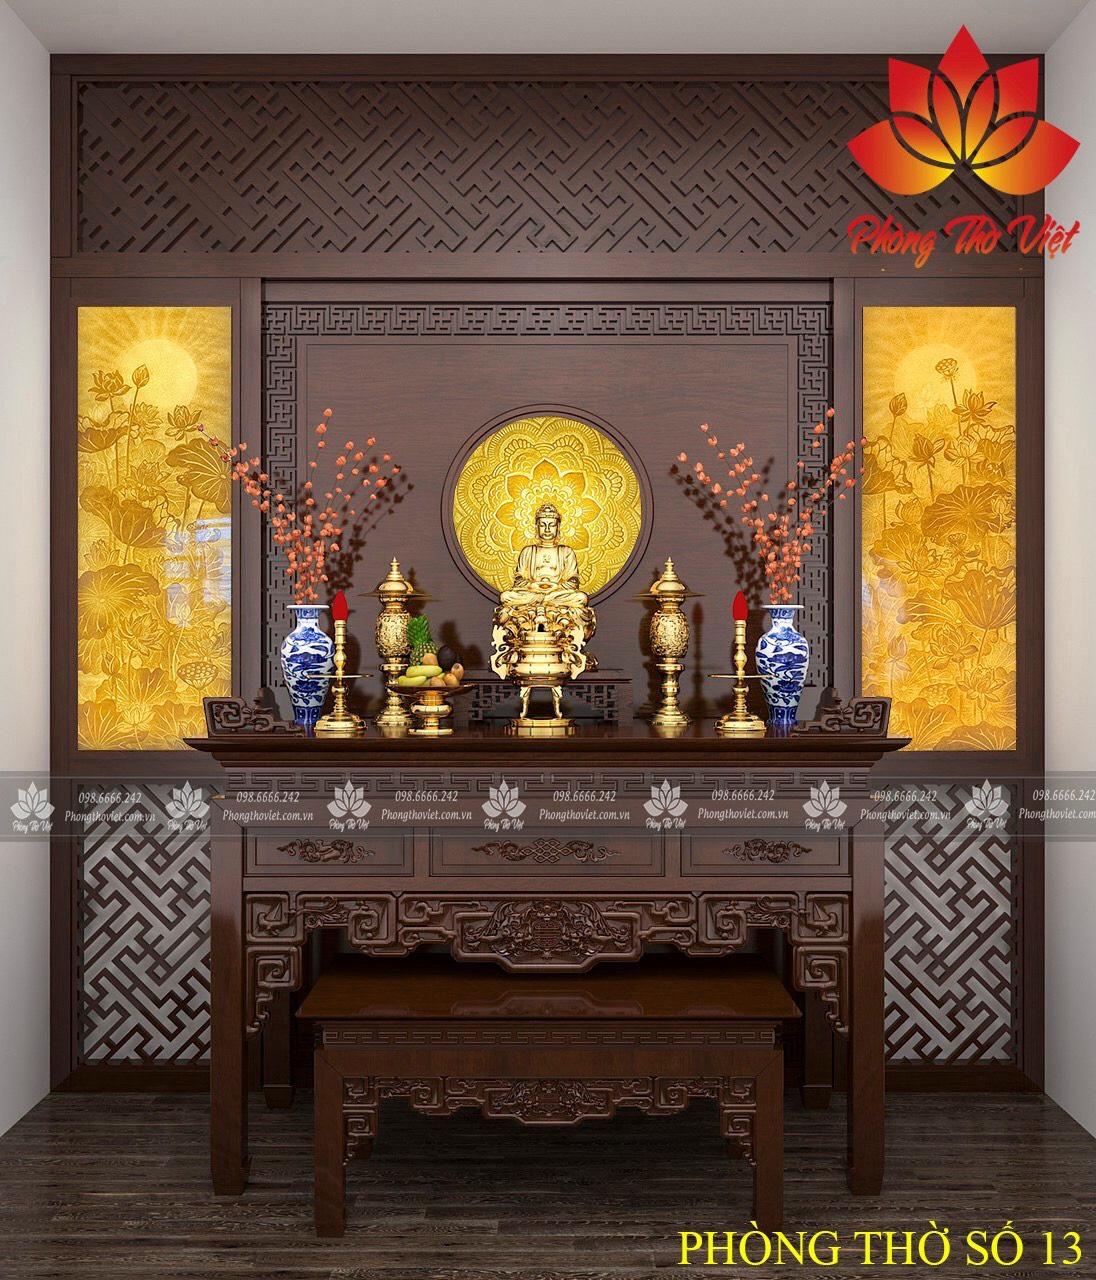 Nét đẹp văn hóa trên bàn thờ miền Nam